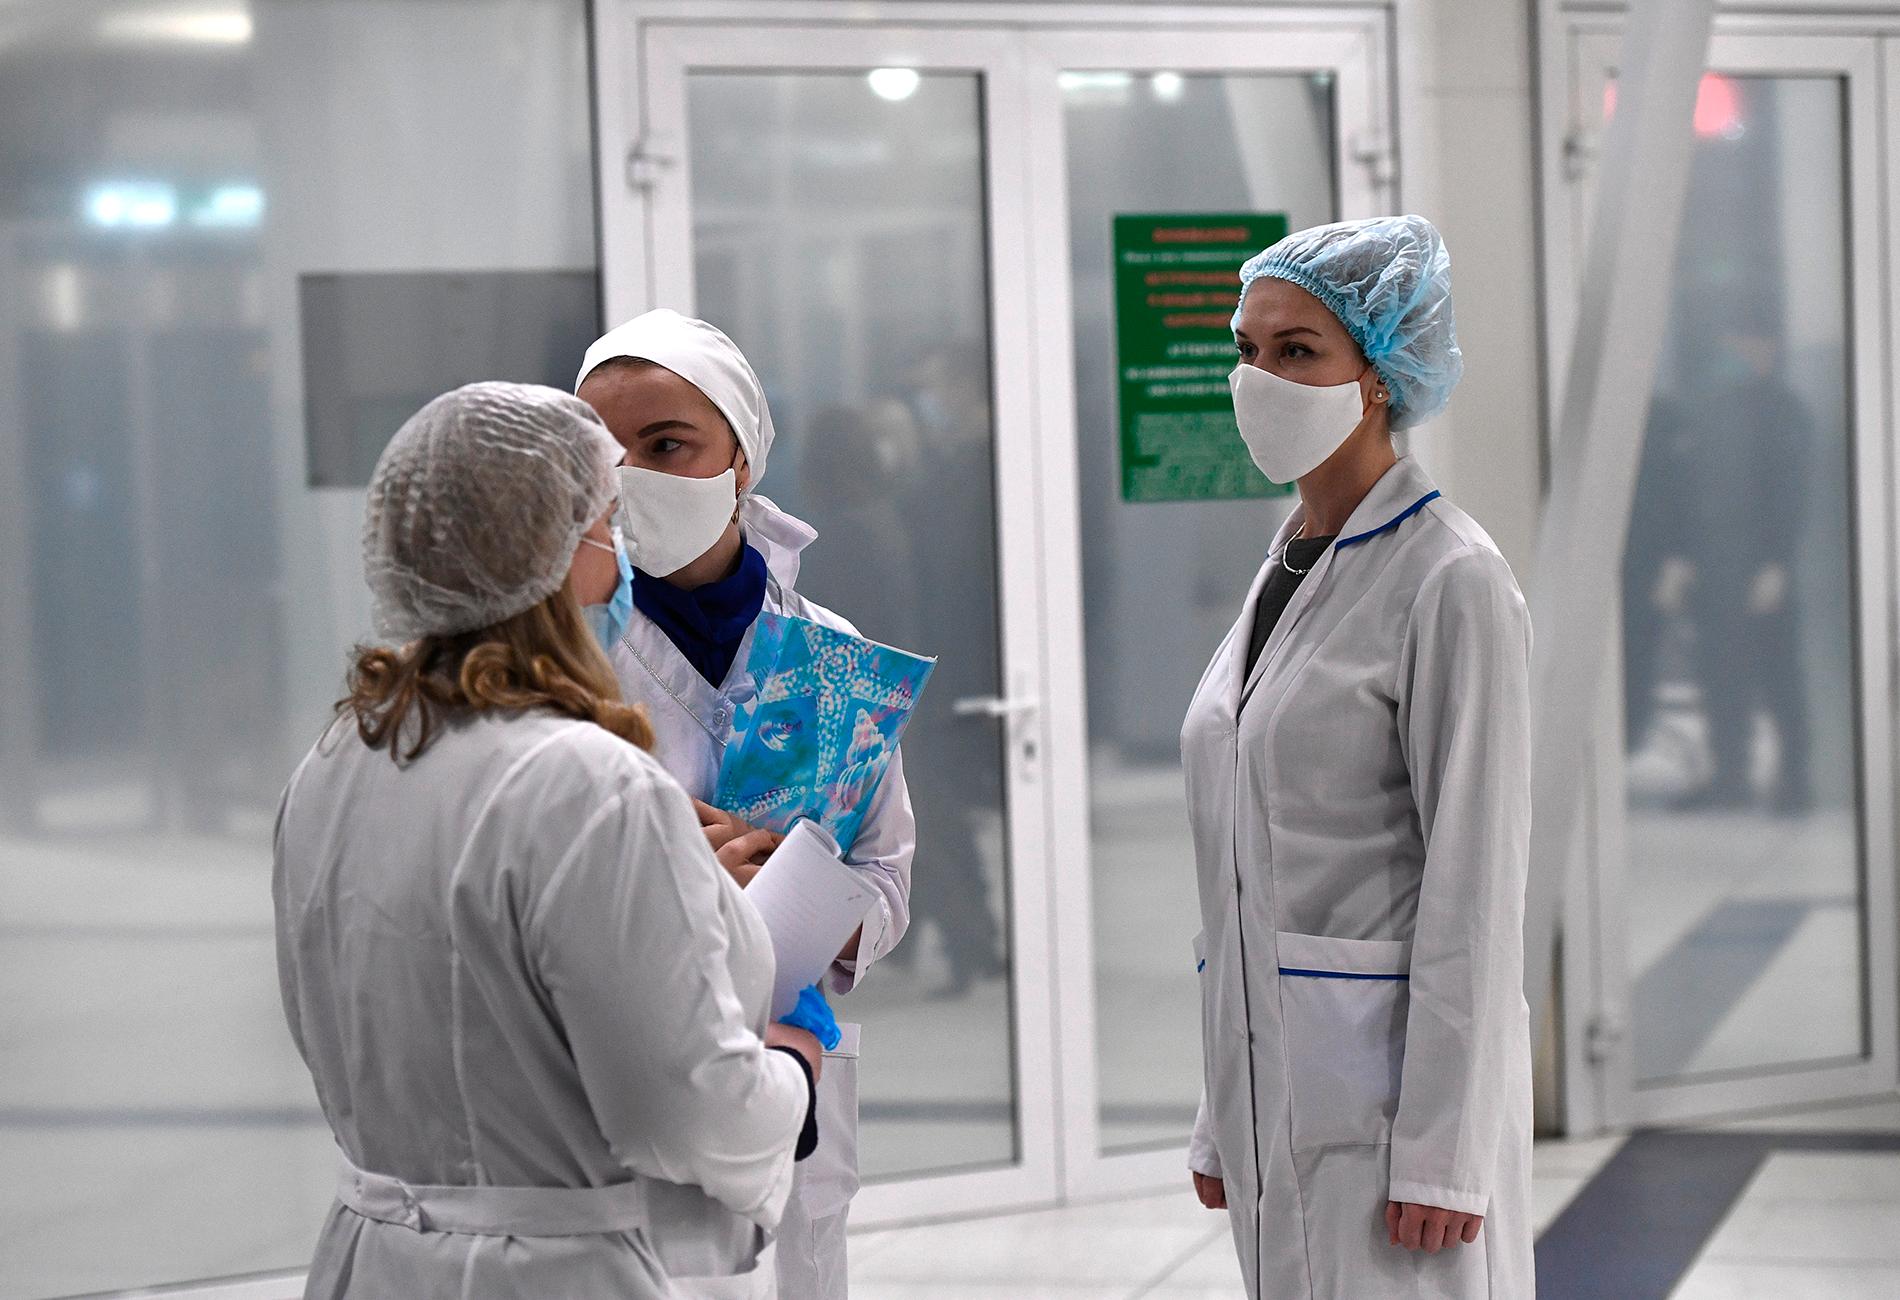 Регионы вводят дополнительные карантинные меры в связи с ростом заболеваемости COVID-19